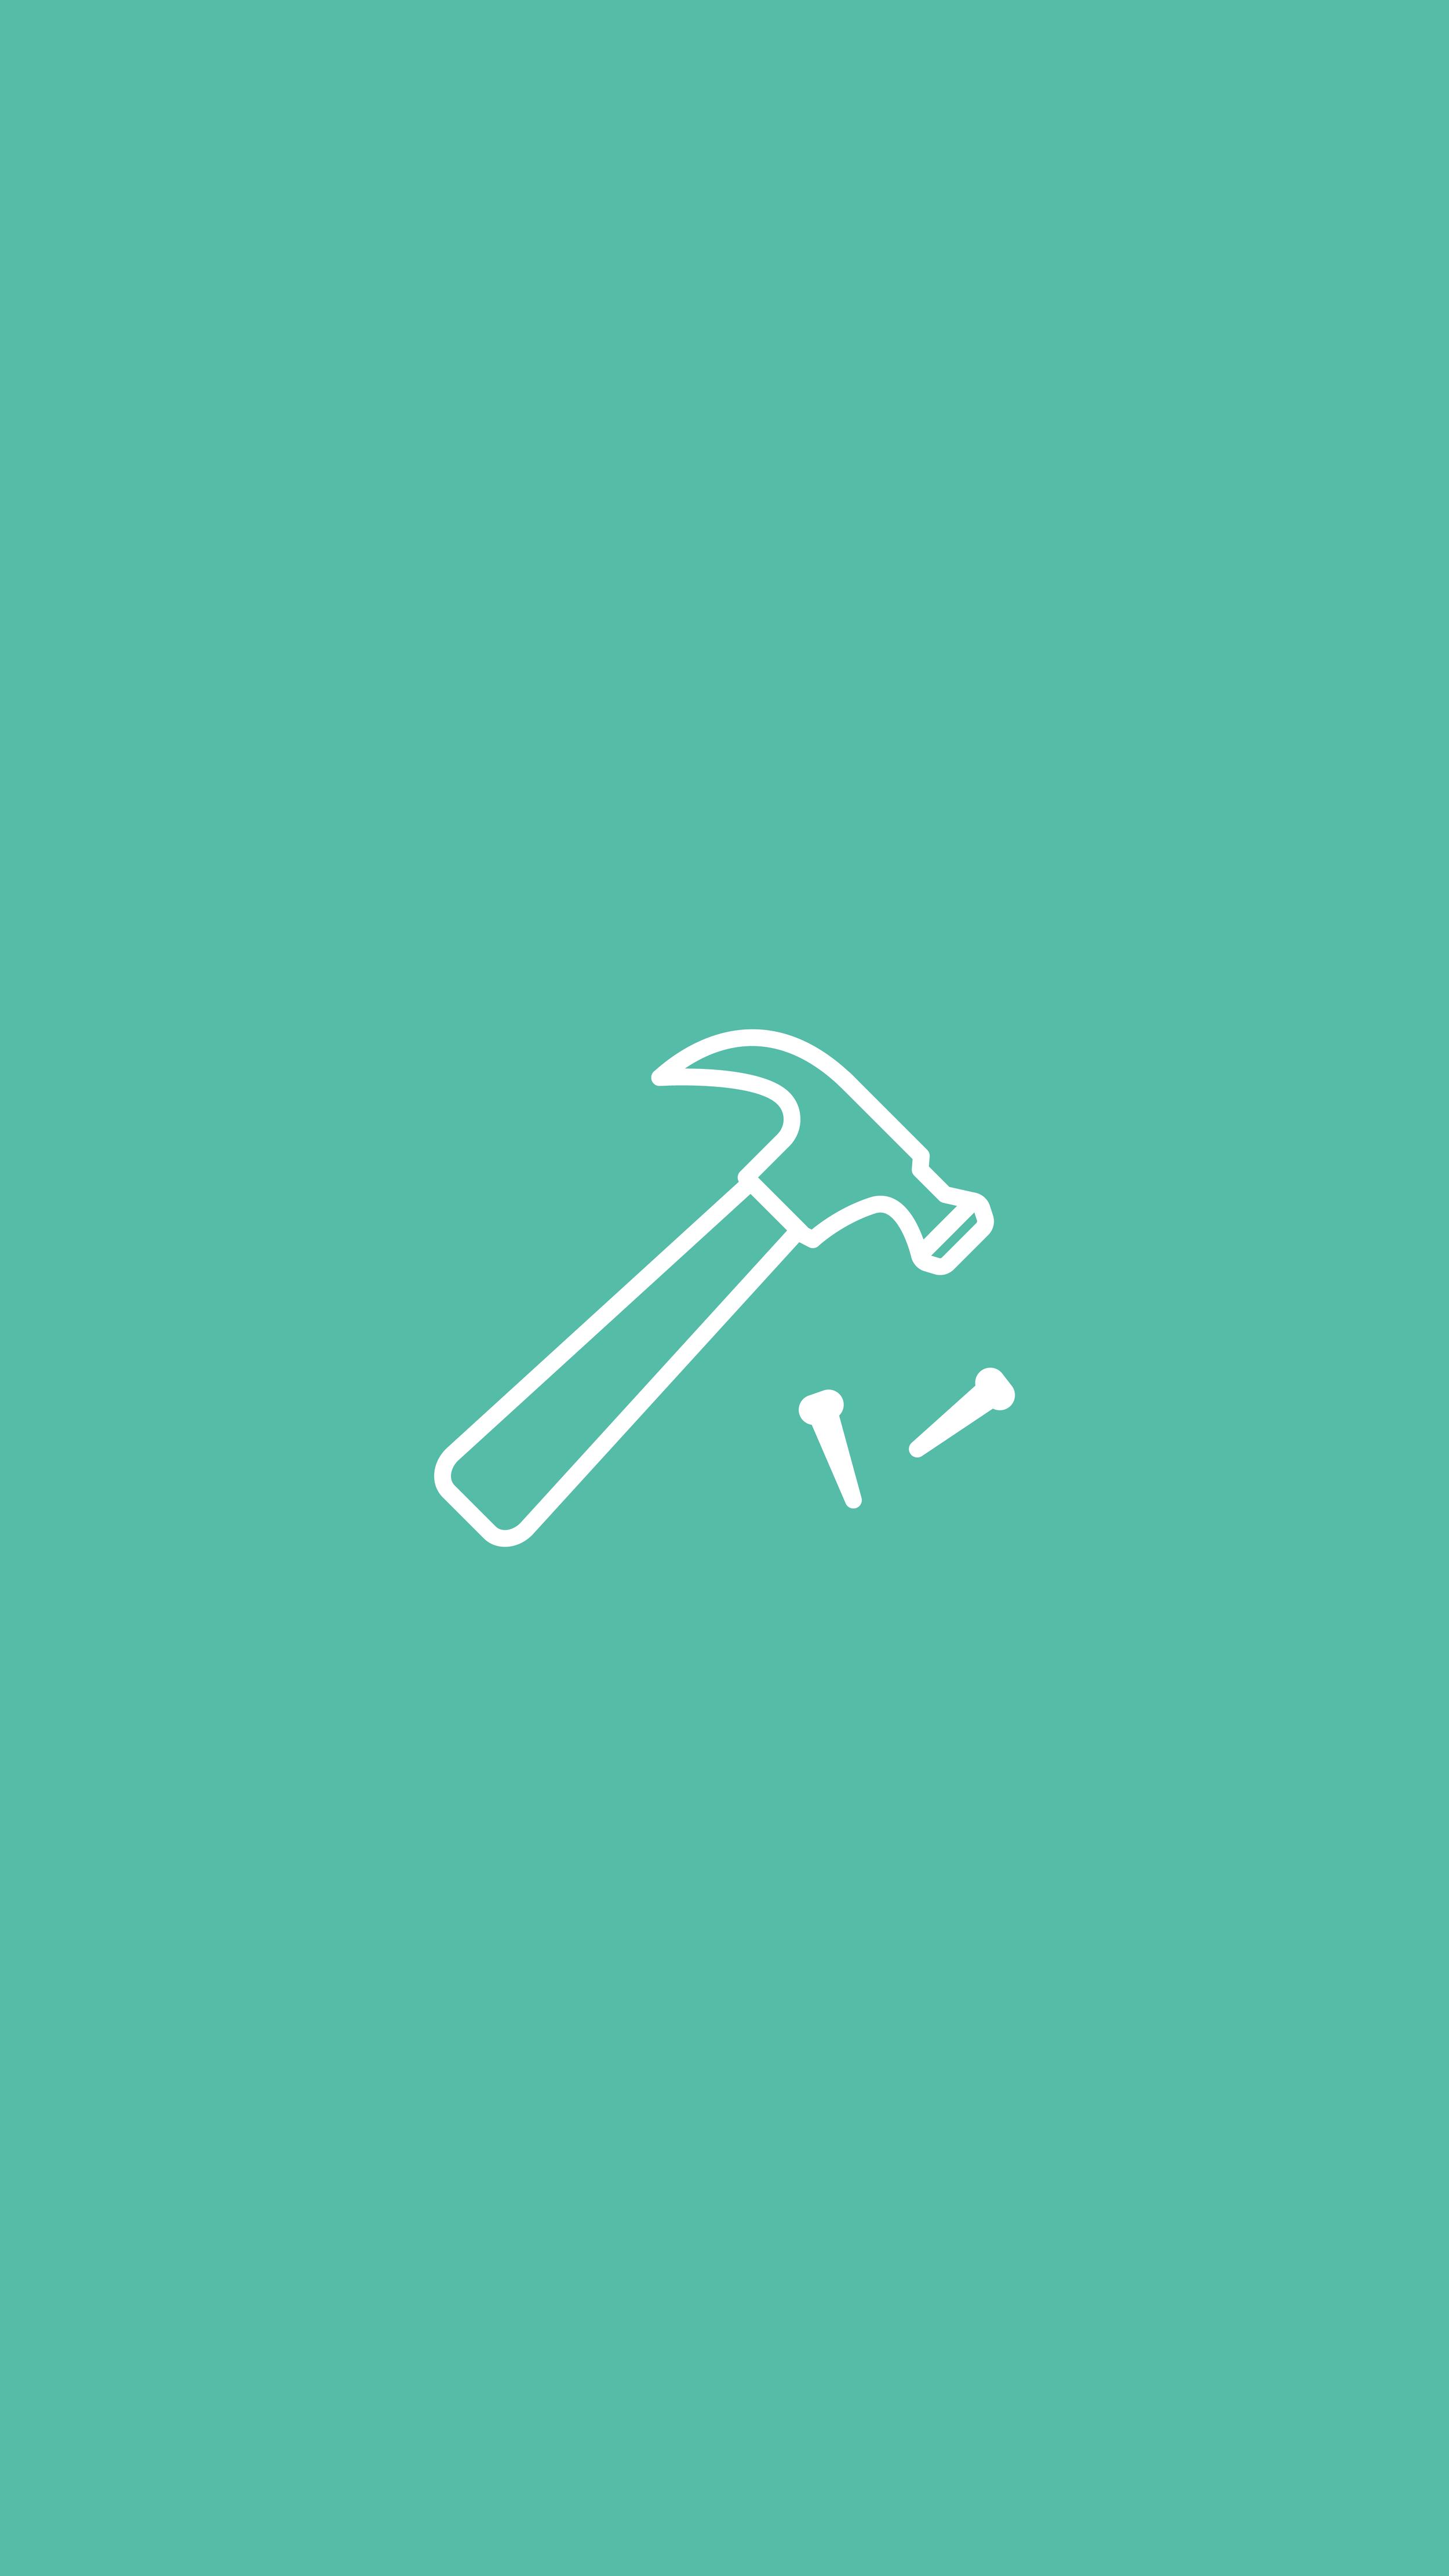 Hammer, Nails, DIY